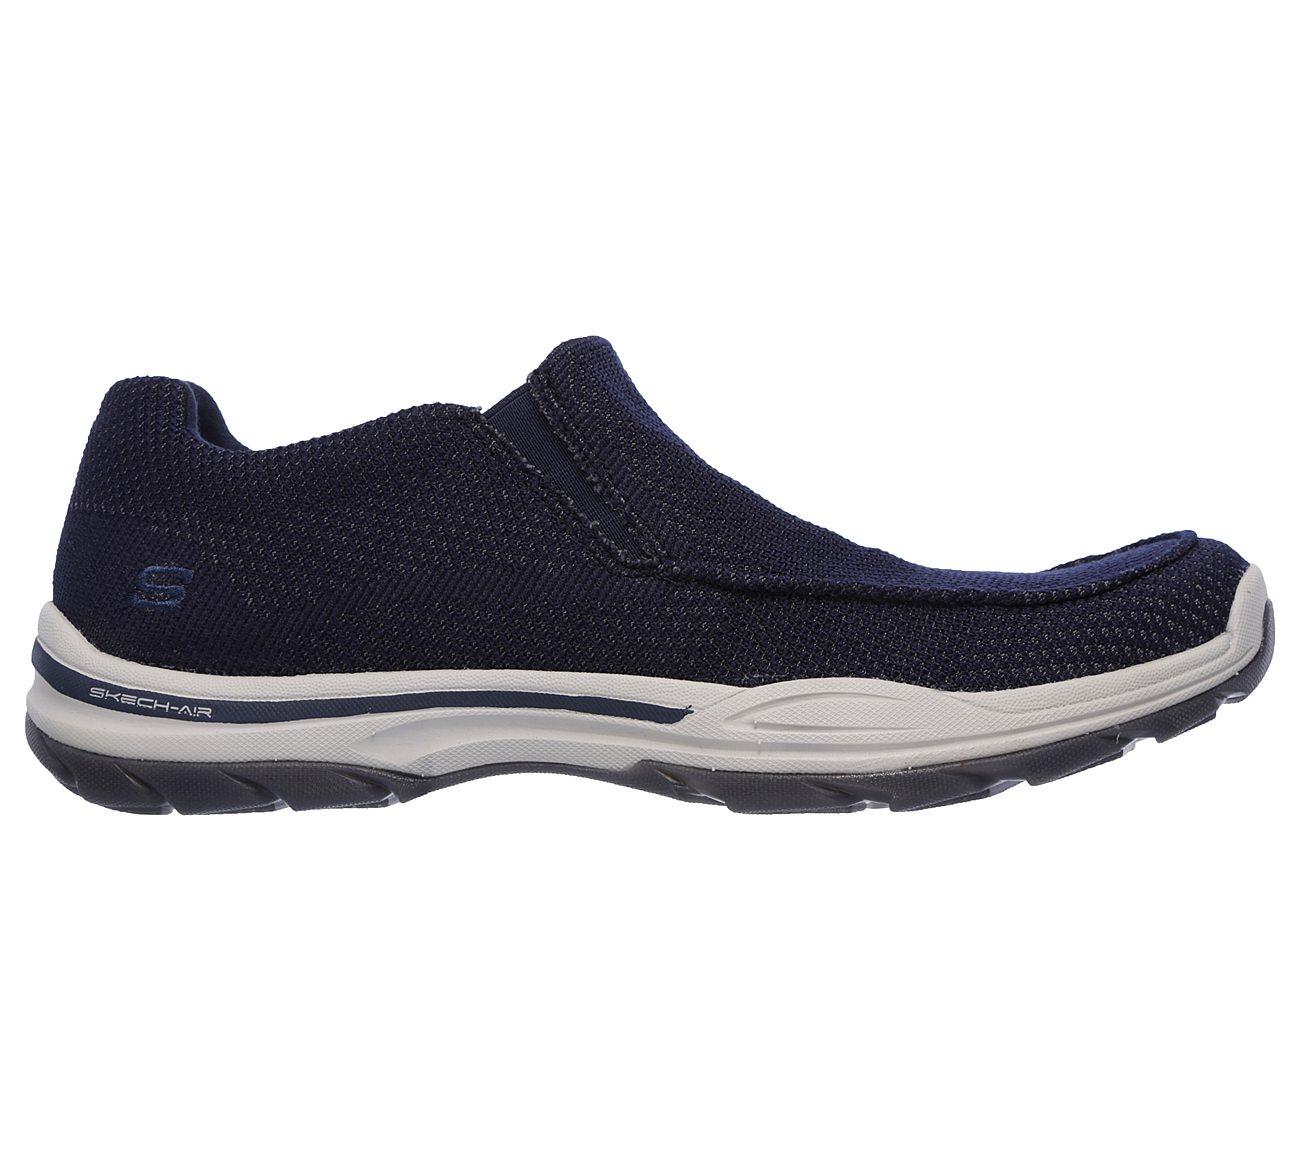 2a813a94d3fd Buy SKECHERS Skech-Air  Elment - Vengo Skech-Air Shoes only  50.00